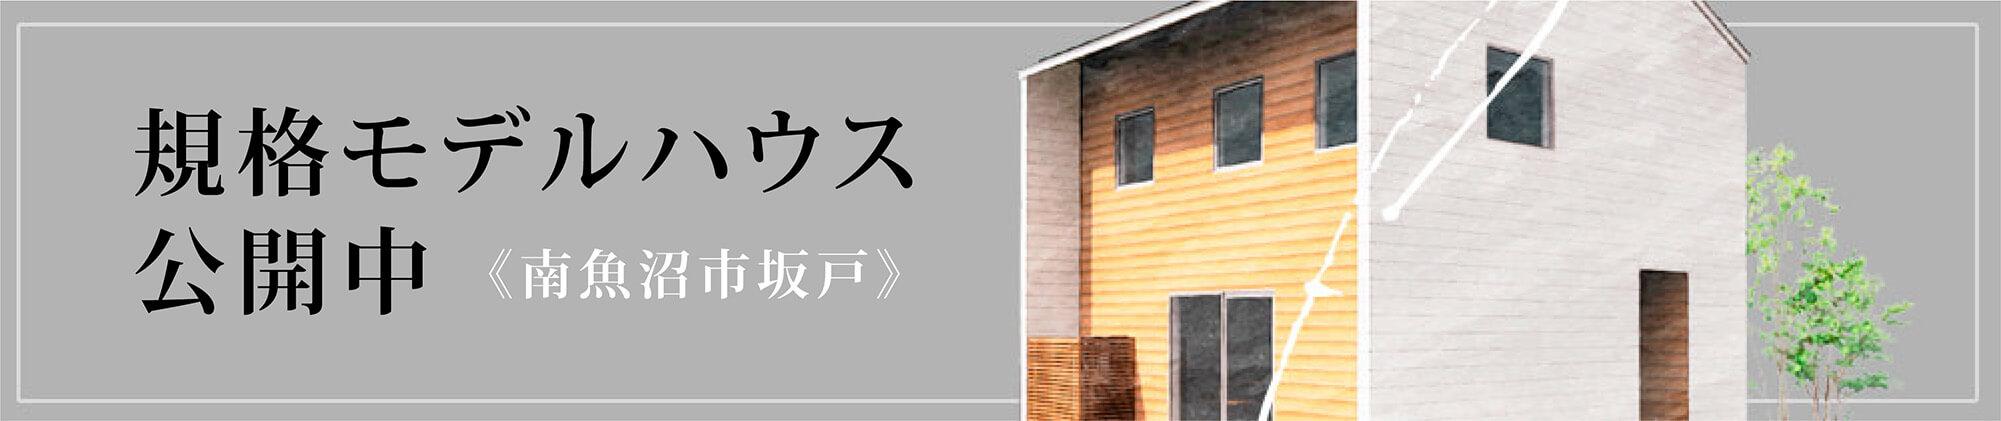 規格住宅f